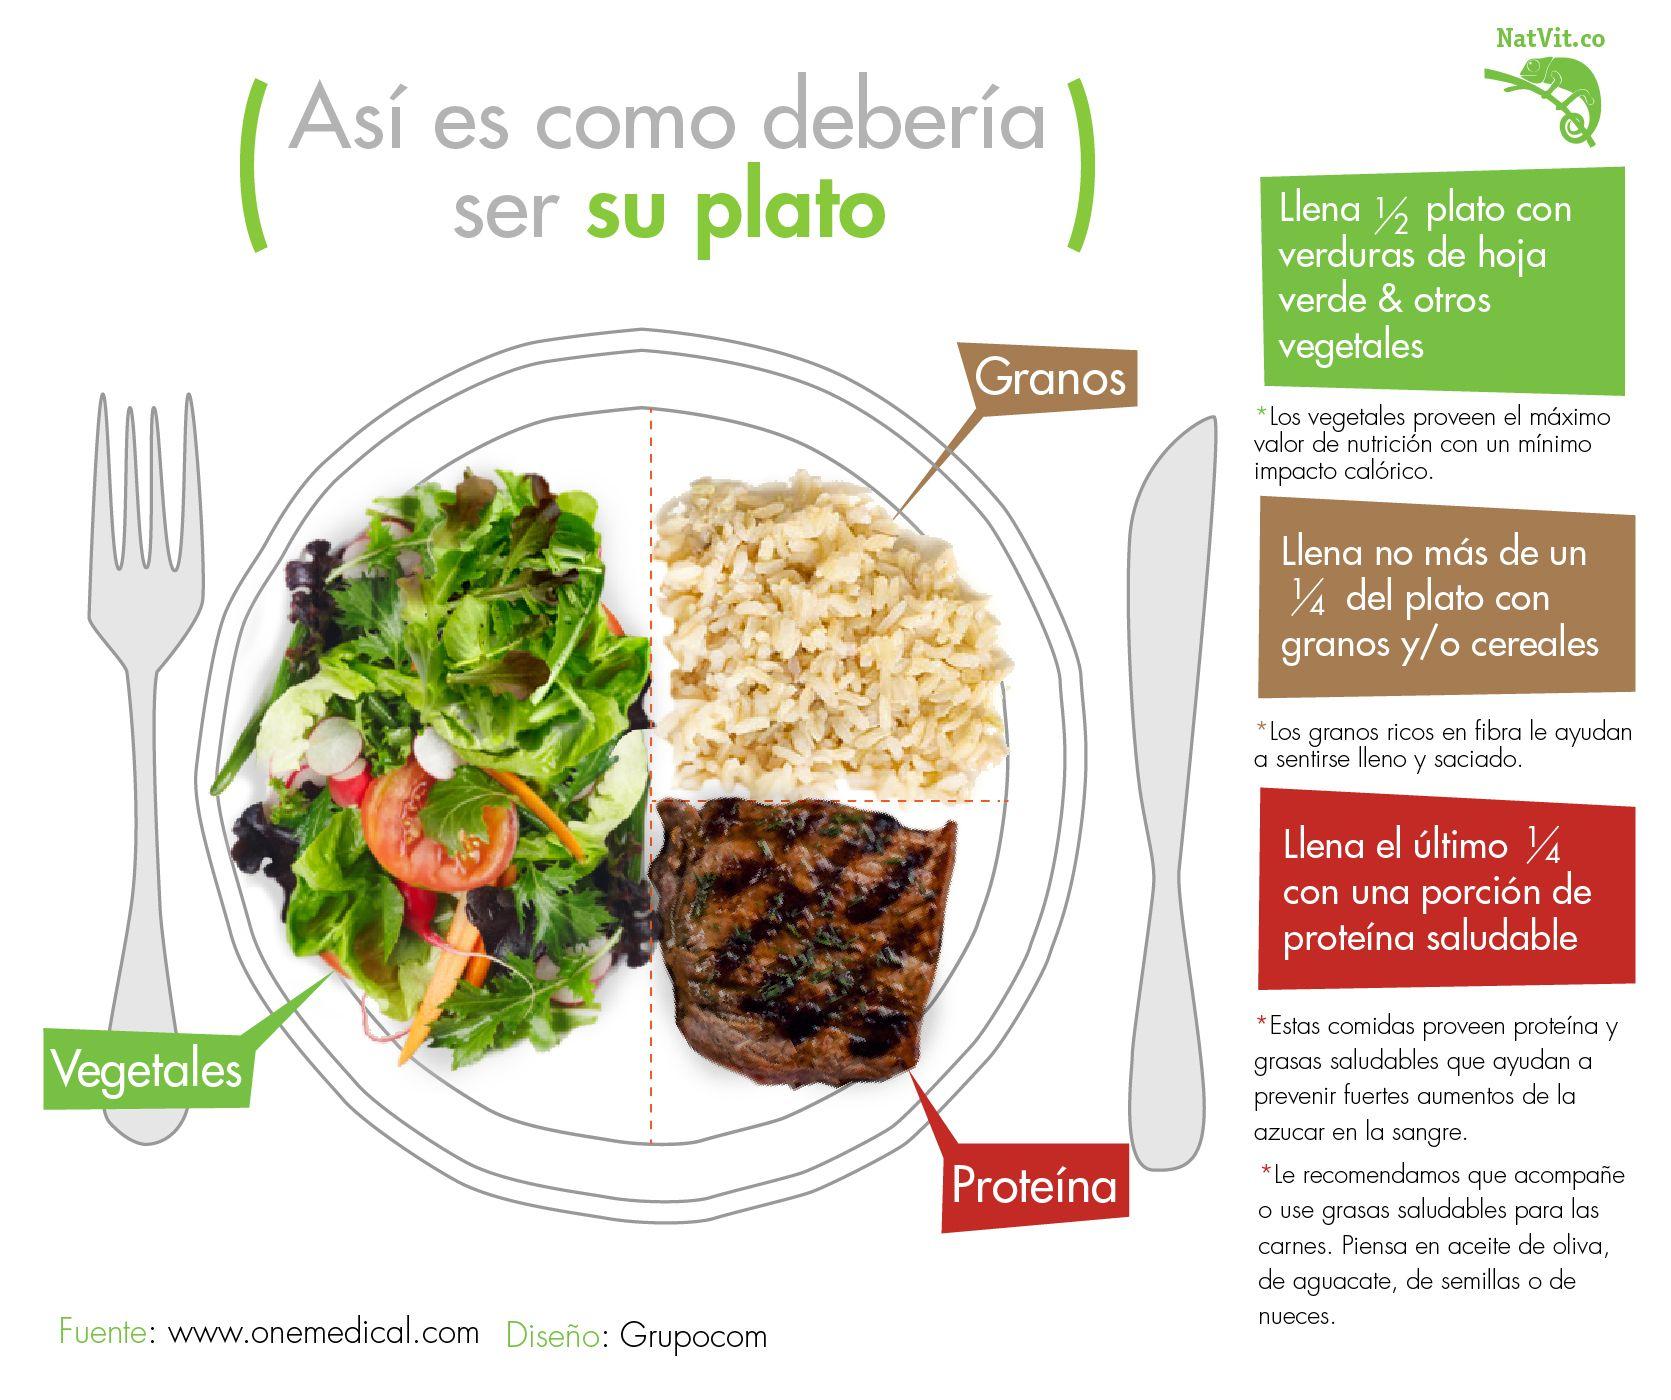 como debe ser una dieta completa y equilibrada